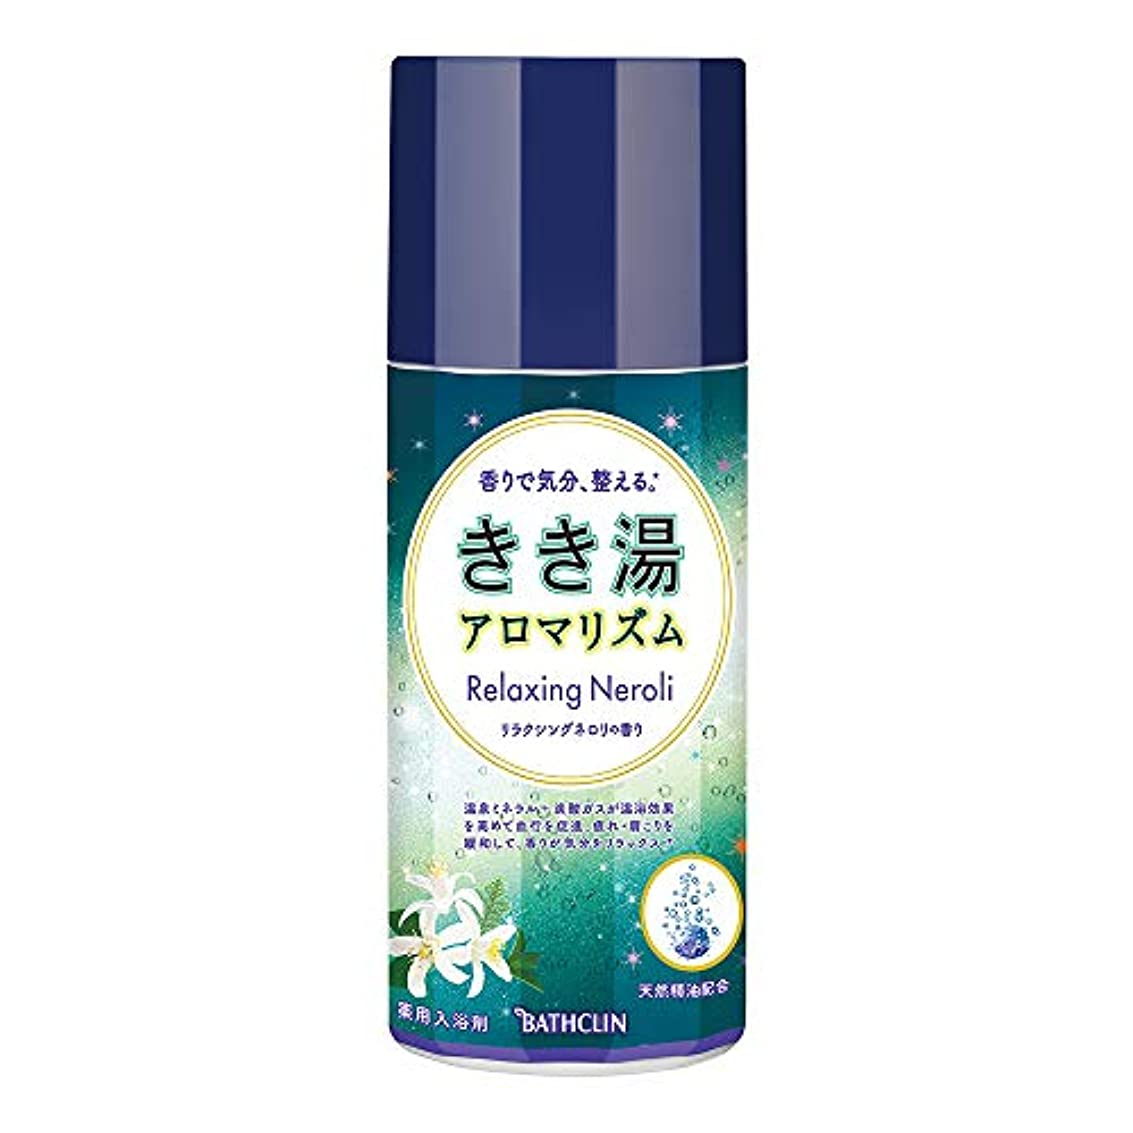 フィット石のジュース【医薬部外品】きき湯アロマリズム炭酸入浴剤 リラクシングネロリの香り 360g 発泡タイプ